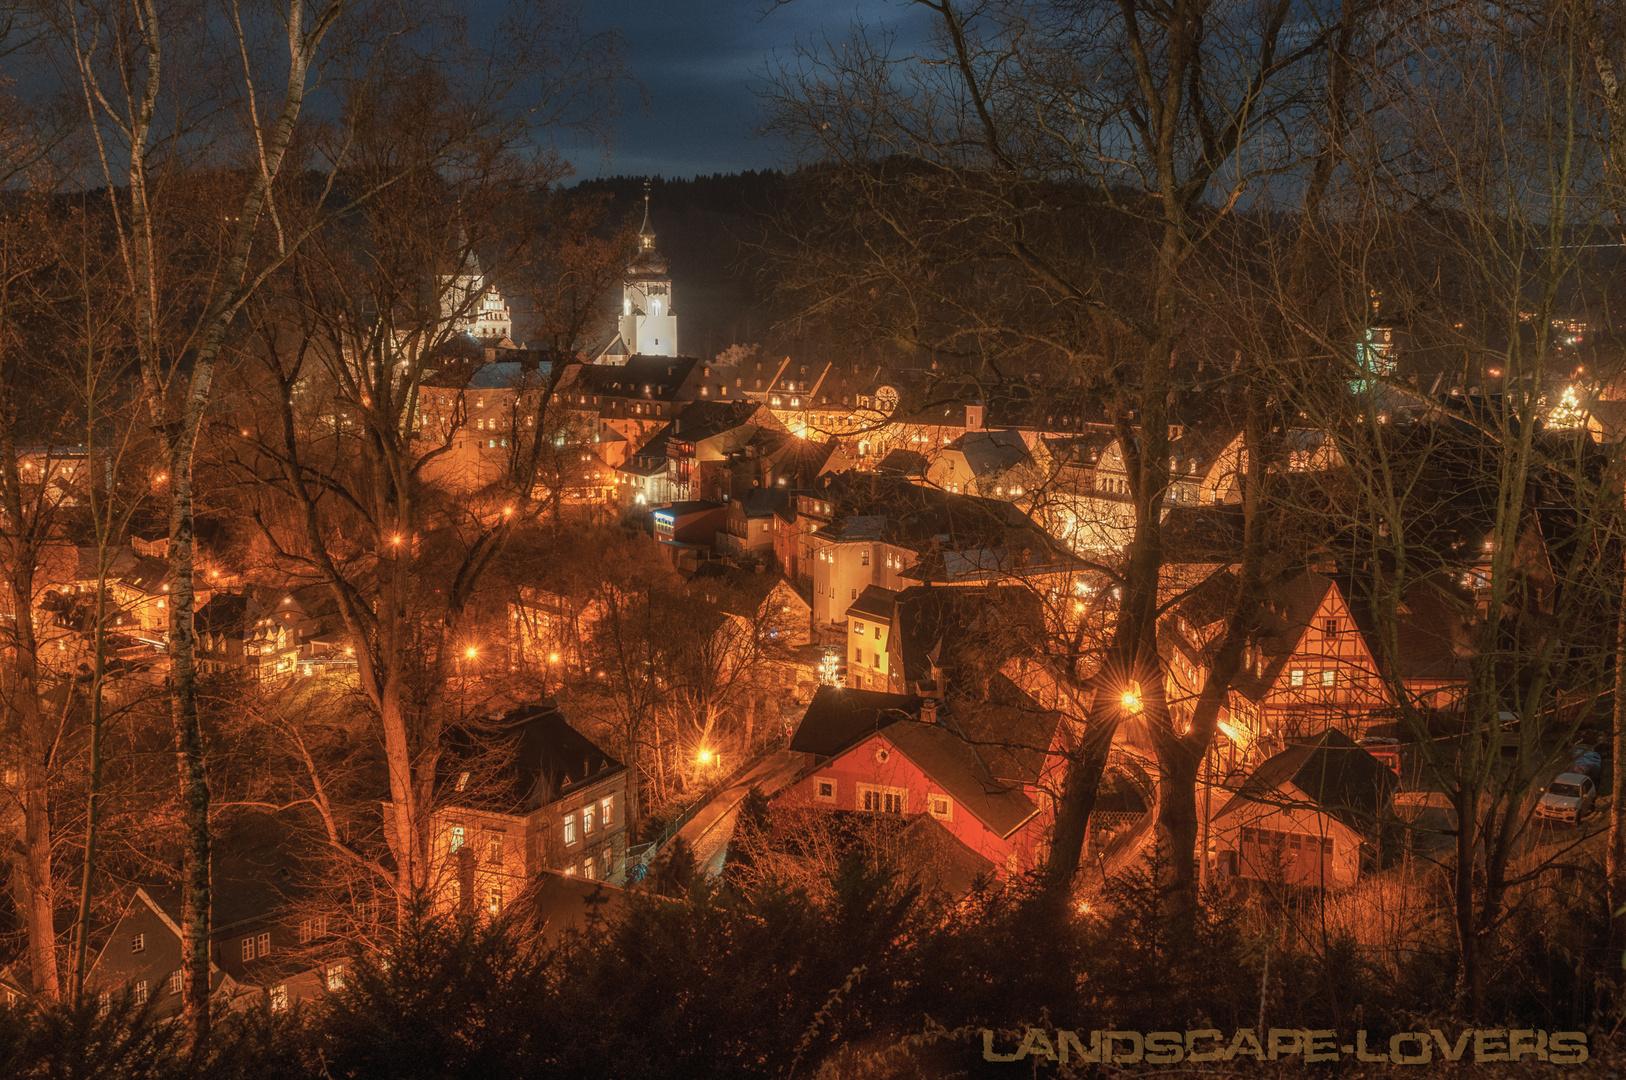 Weihnachtsmarkt Schwarzenberg.Schwarzenberg Weihnachtszeit Foto Bild Weihnachten Nacht